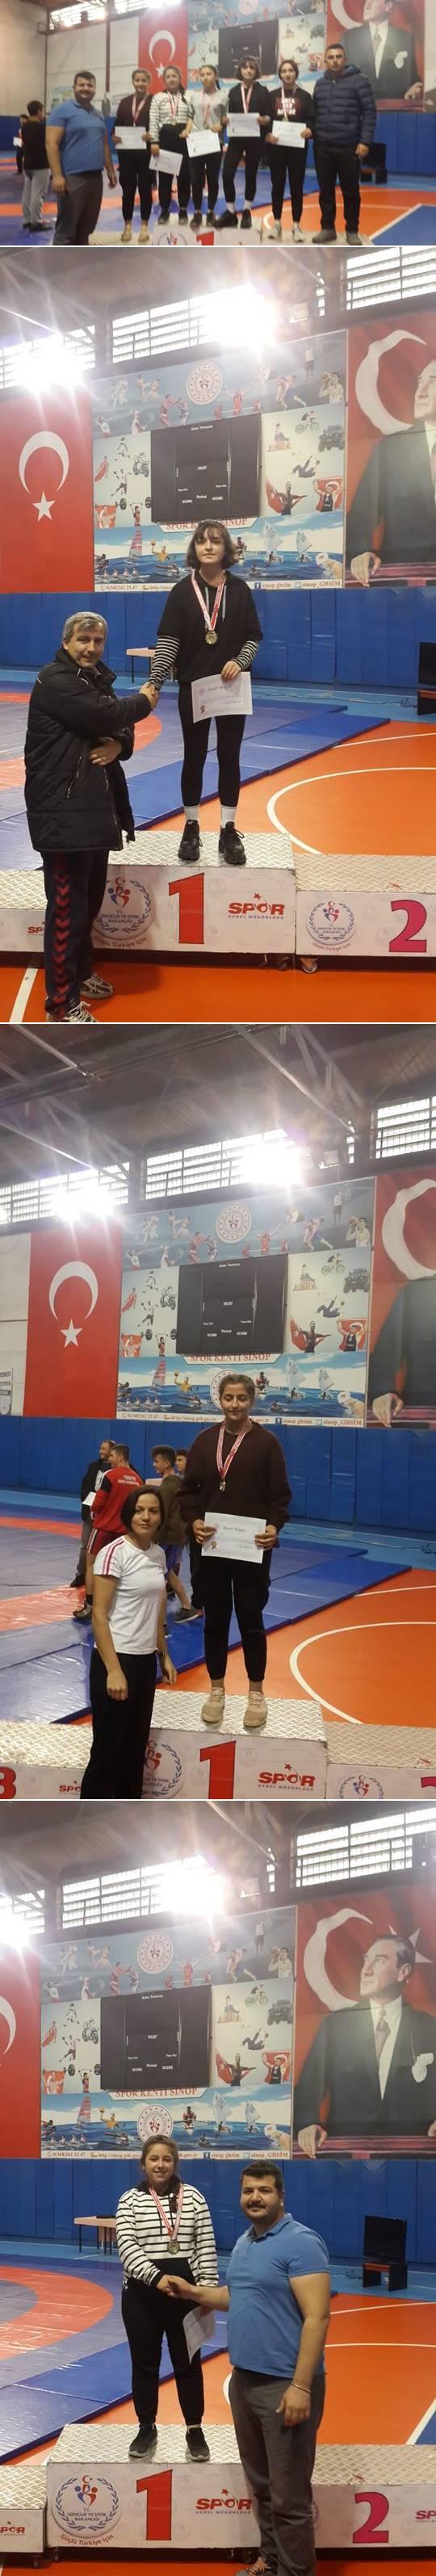 İlçemiz Mevlana Mesleki ve Teknik Anadolu Lisesi 2019-2020 Okul Sporları Müsabakalarında Serbest Güreşte, 50 Kg'da Nazlıcan Kayan, 53 Kg'da Tuğbanur Cobanoglu, 62 Kg'da Edanur Baltacı, 68 Kg'da Zeynep Şahinbaş, 75 Kg'da Büşra Tekin Sinop İl Birincisi Olarak Türkiye Şampiyonasına Katılmaya Hak Kazandılar.